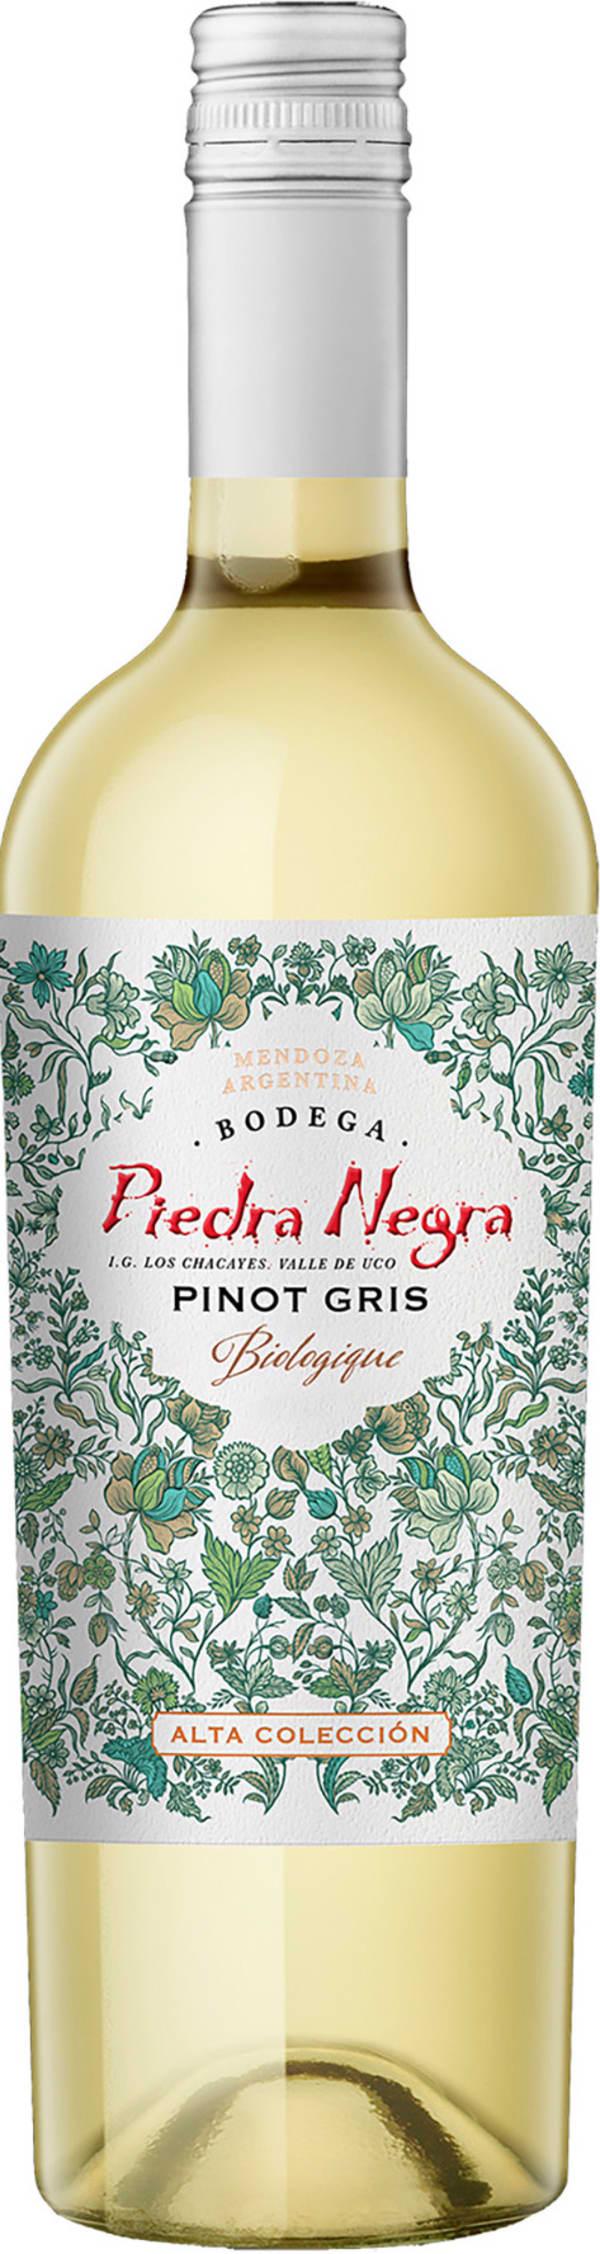 Bodega Piedra Negra Pinot Gris Alta Colección 2018